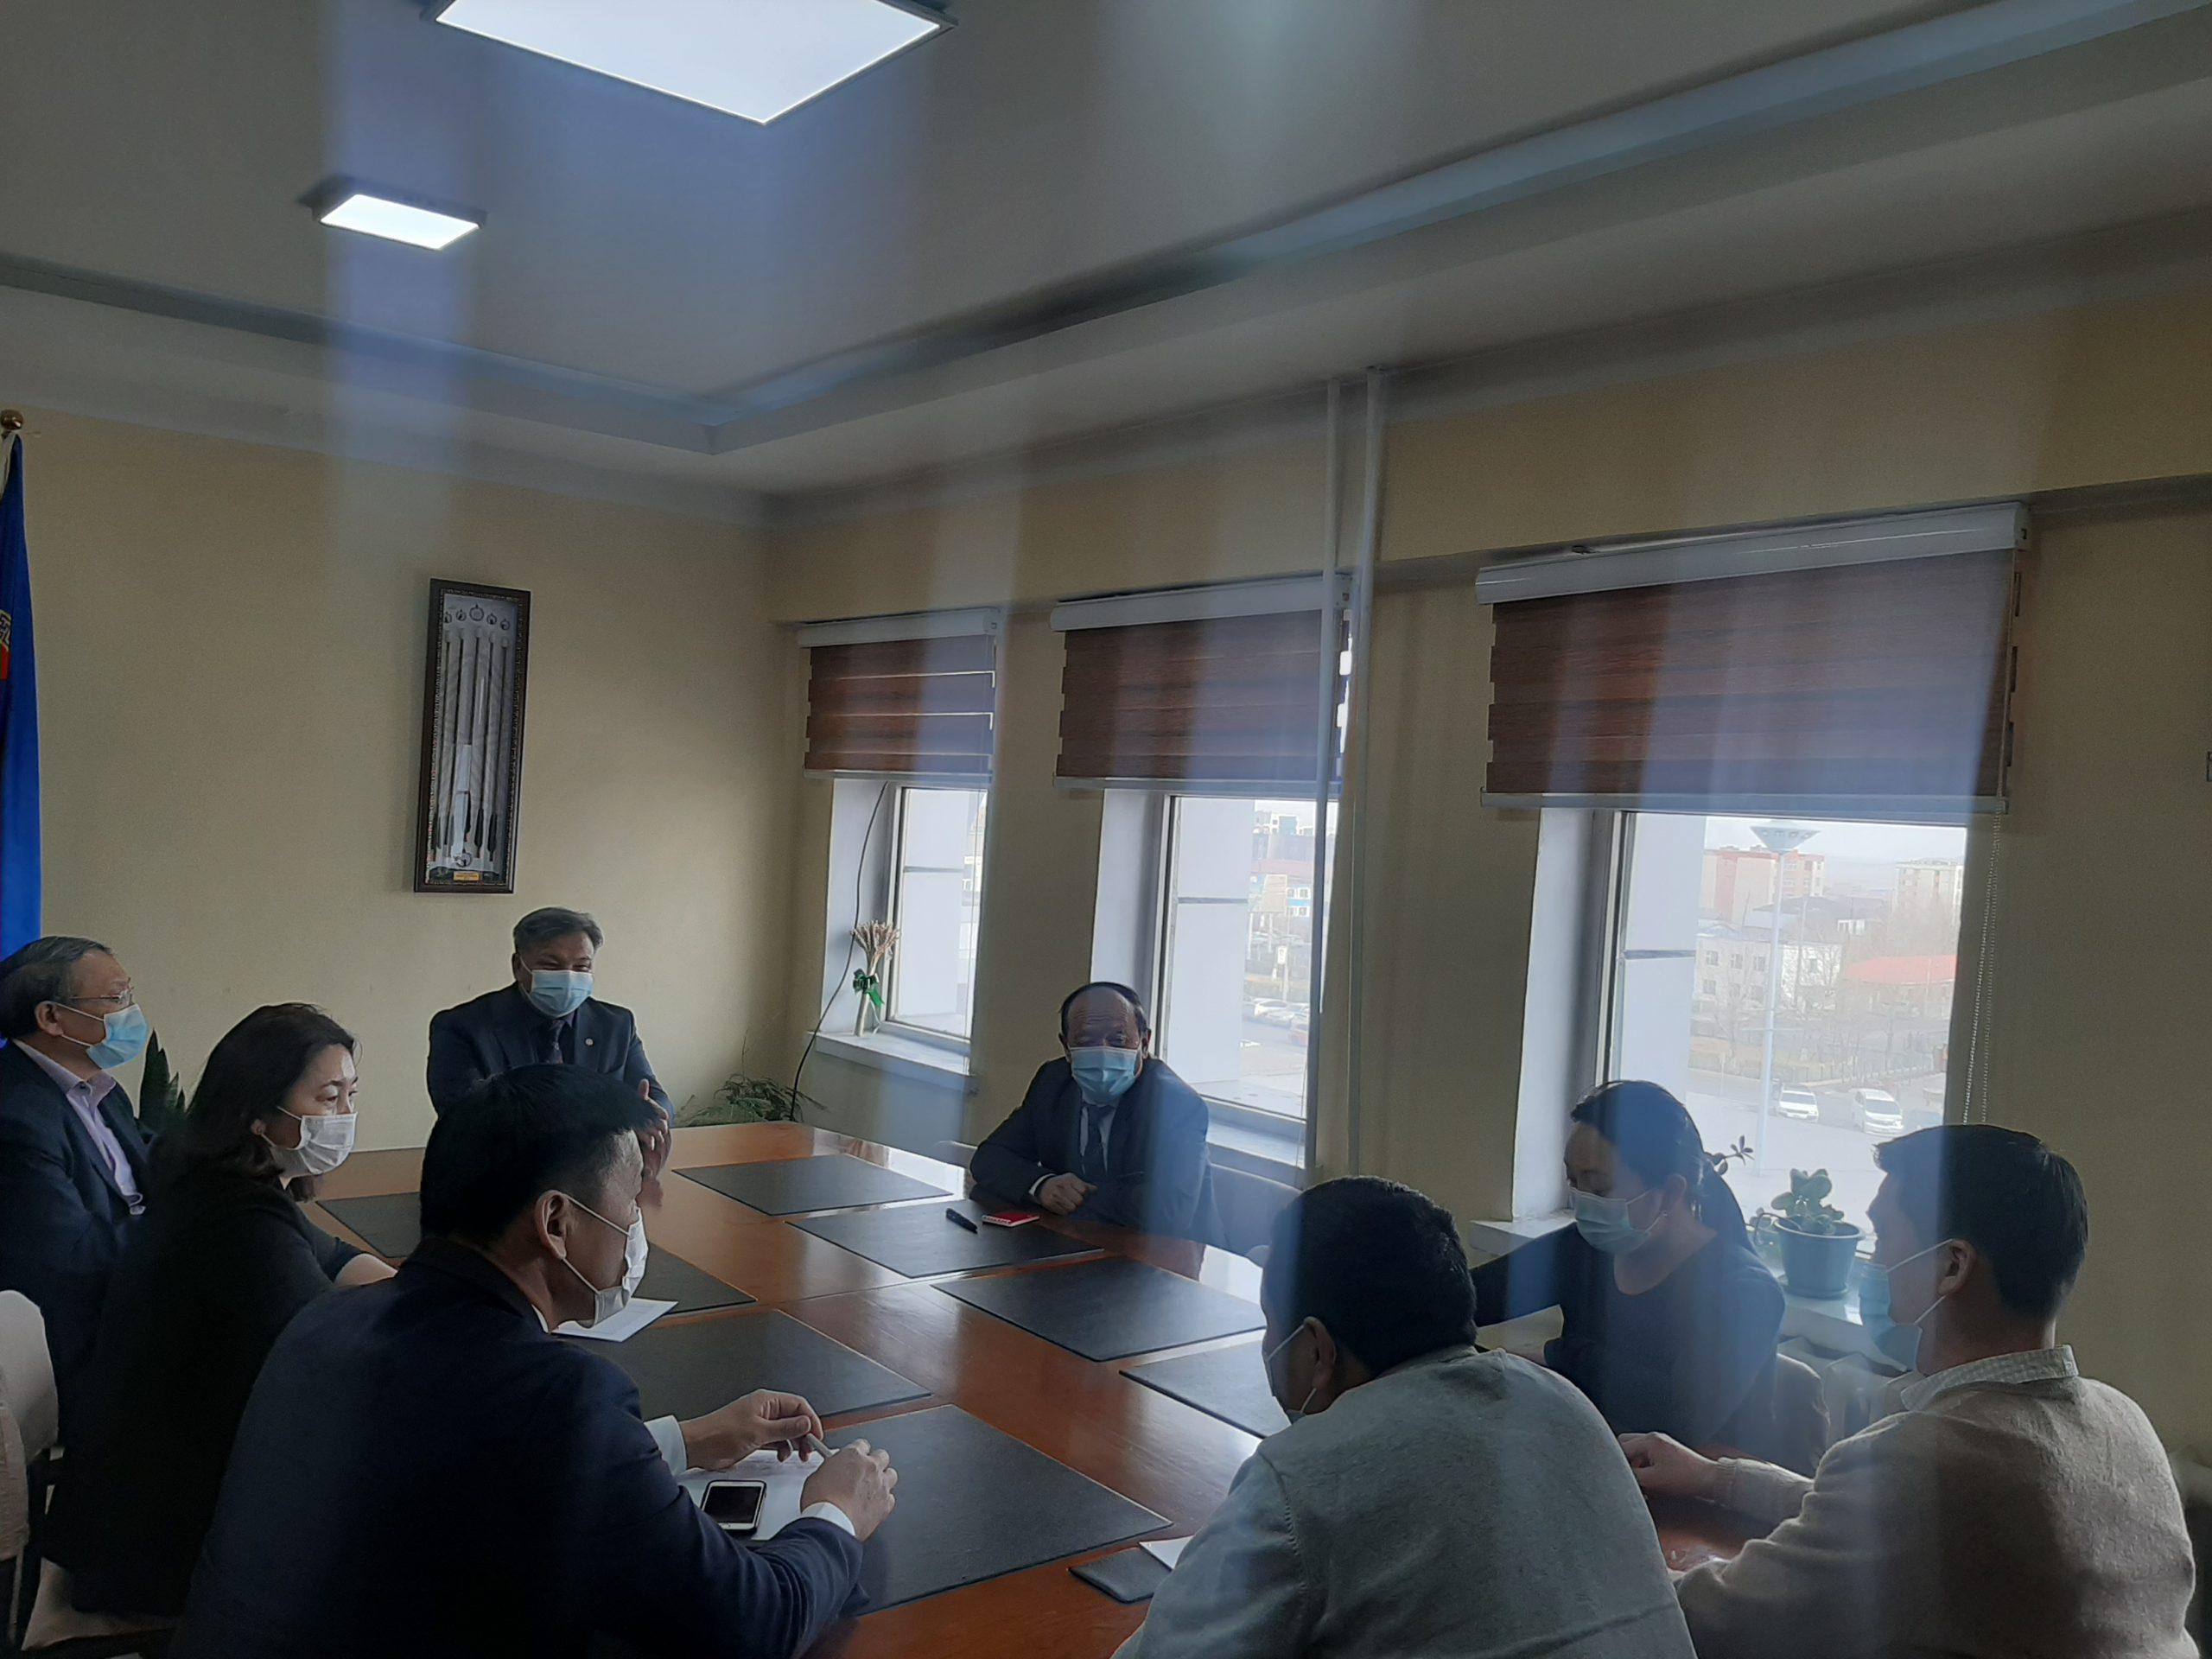 Өвөрхангай аймаг дахь Төрийн аудитын газар: Хөдөлмөр эрхлэлтийг дэмжих сангийн аудитын нээлтийг зохион байгууллаа.